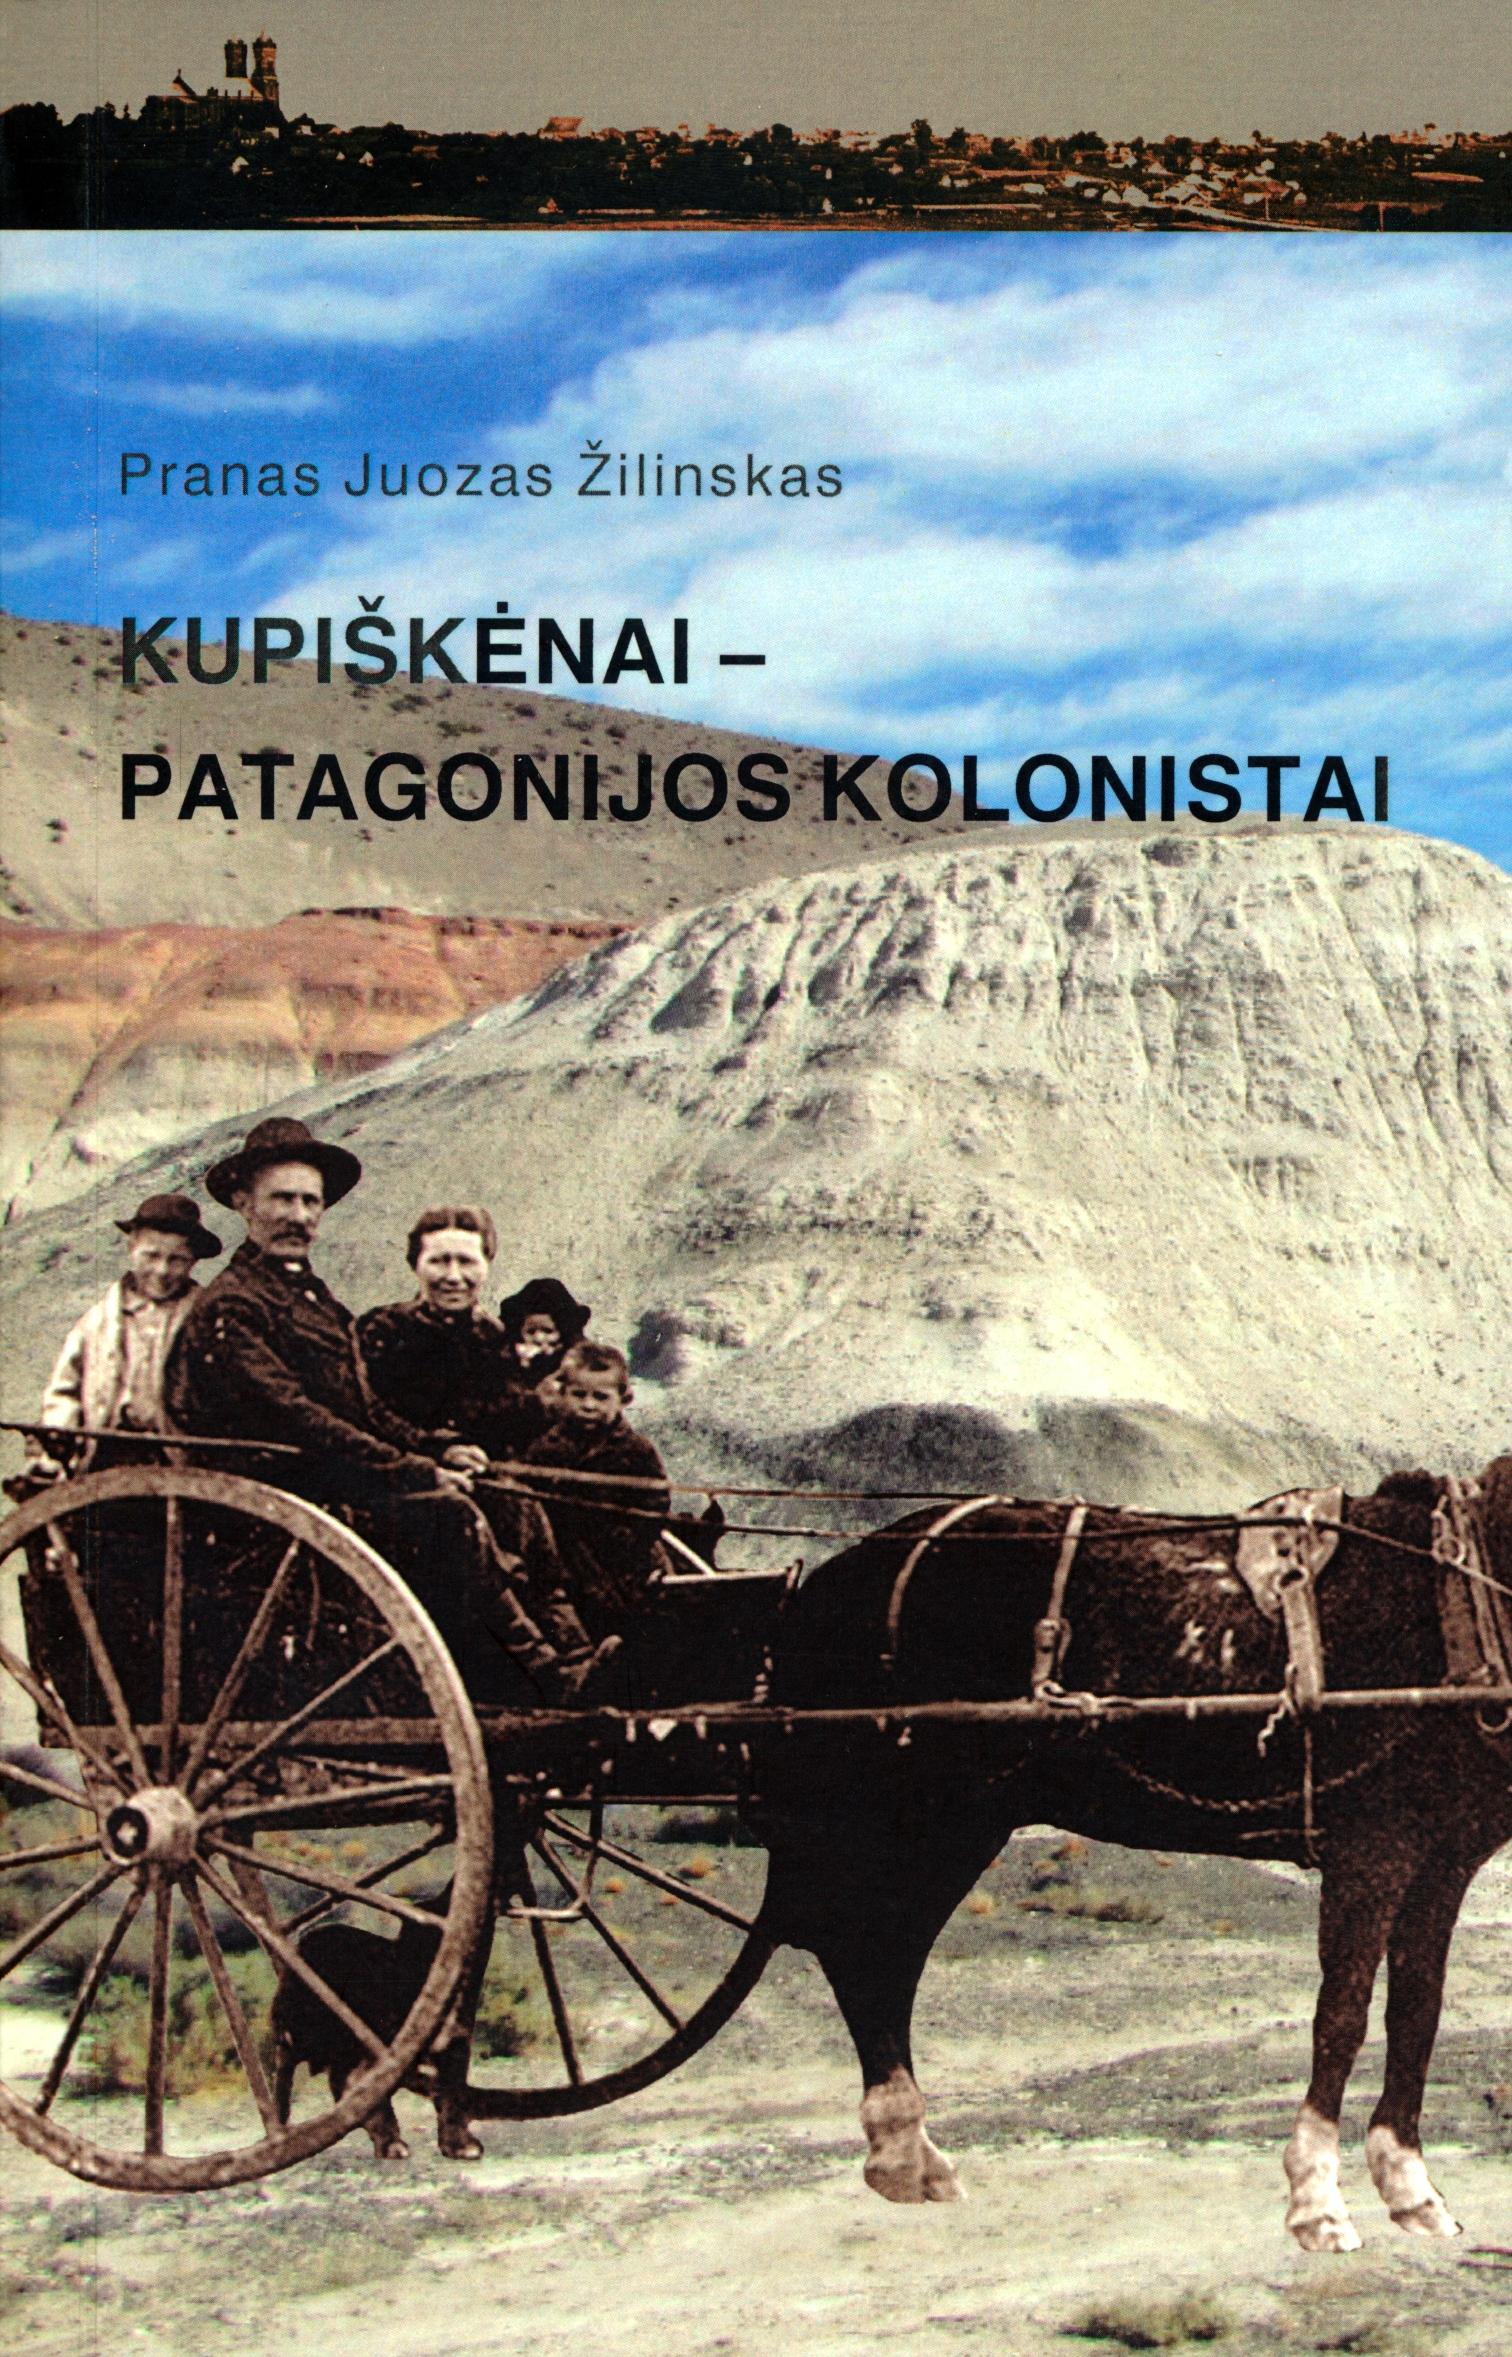 Kupiškėnai - Patagonijos kolonistai